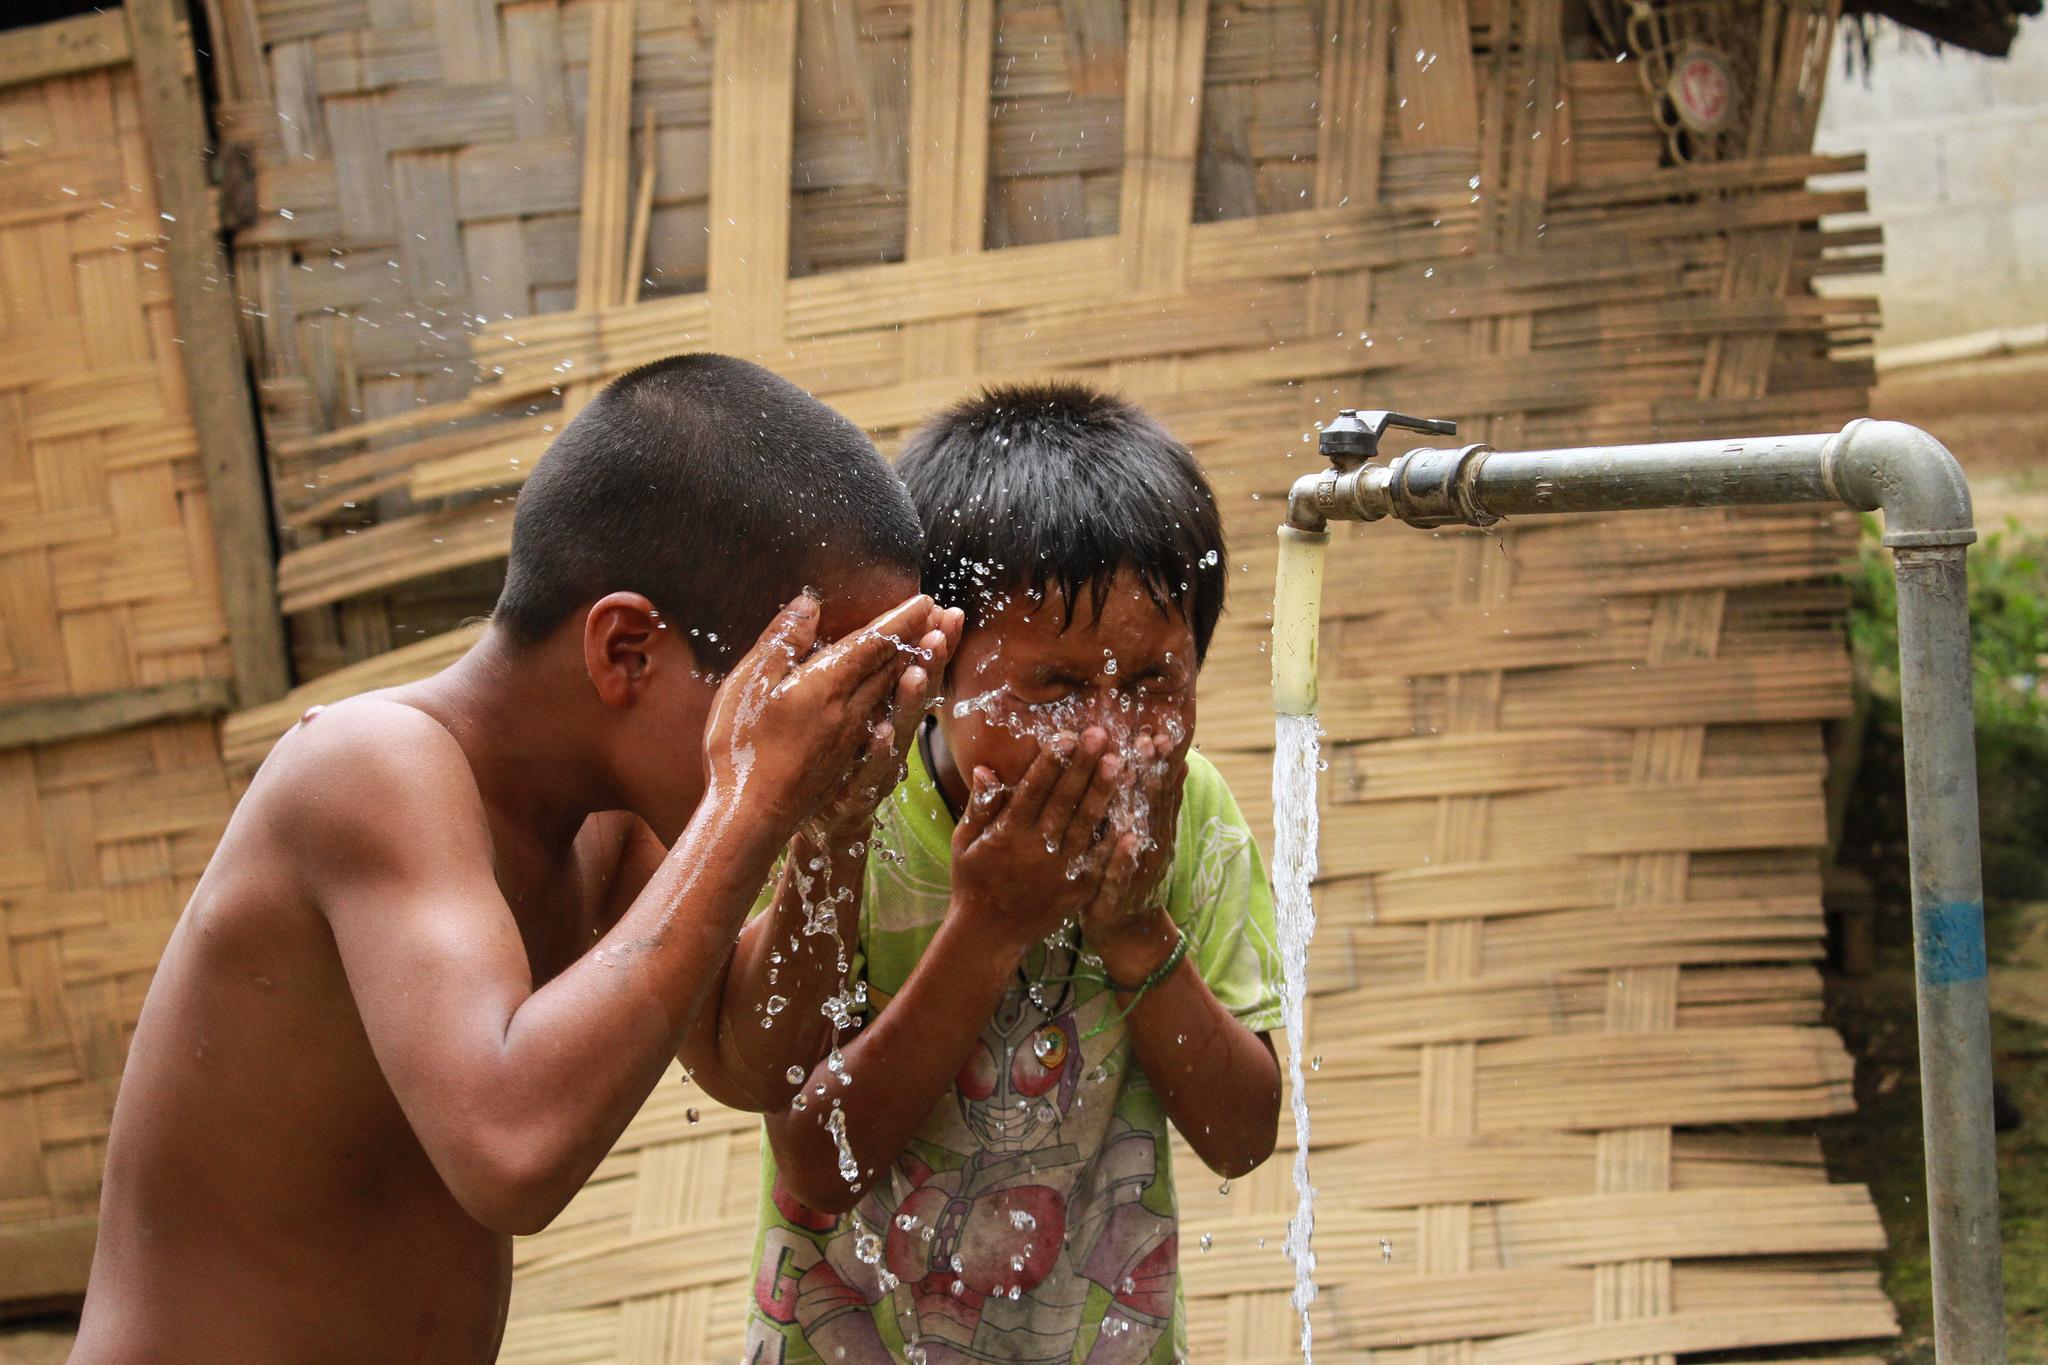 El agua es el elemento vinculante entre salud, seguridad alimentaria, ciudades habitables, energía, bienestar ambiental y acción climática.